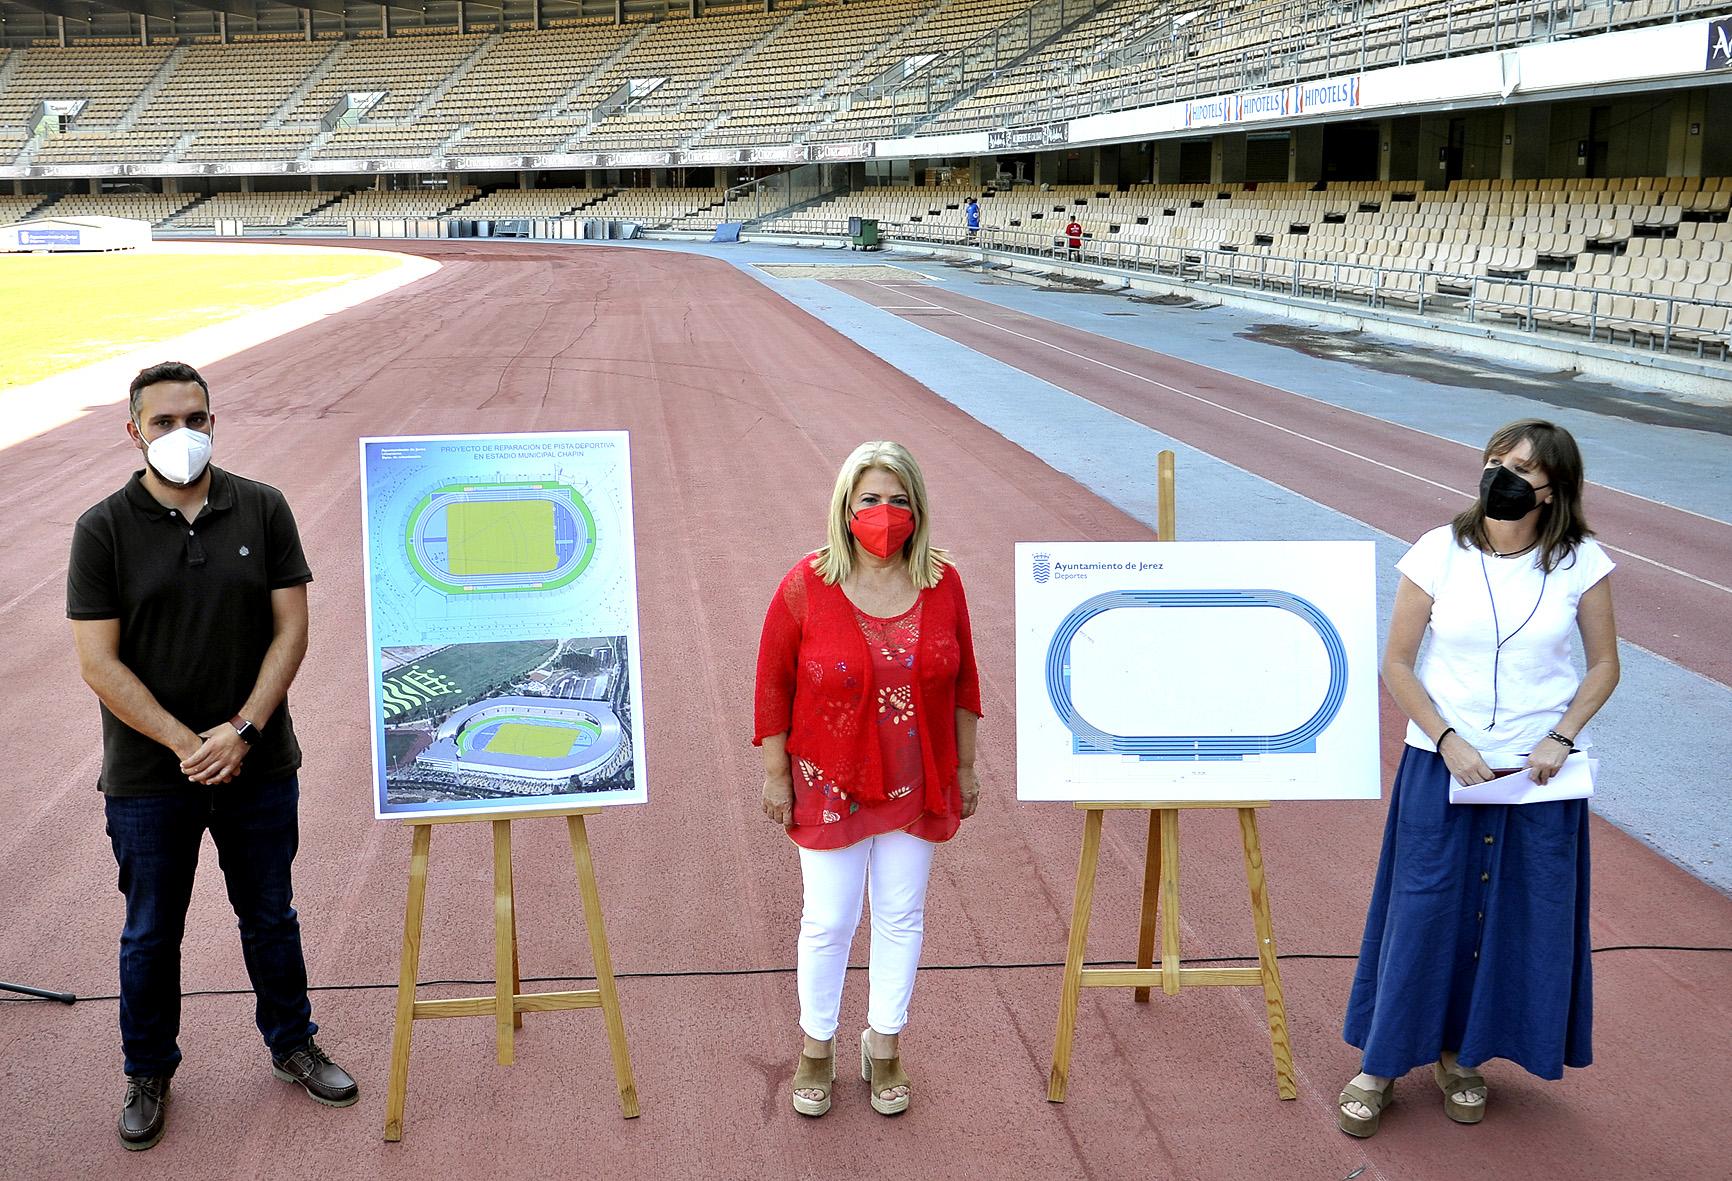 Inversiones infraestructuras deportivas